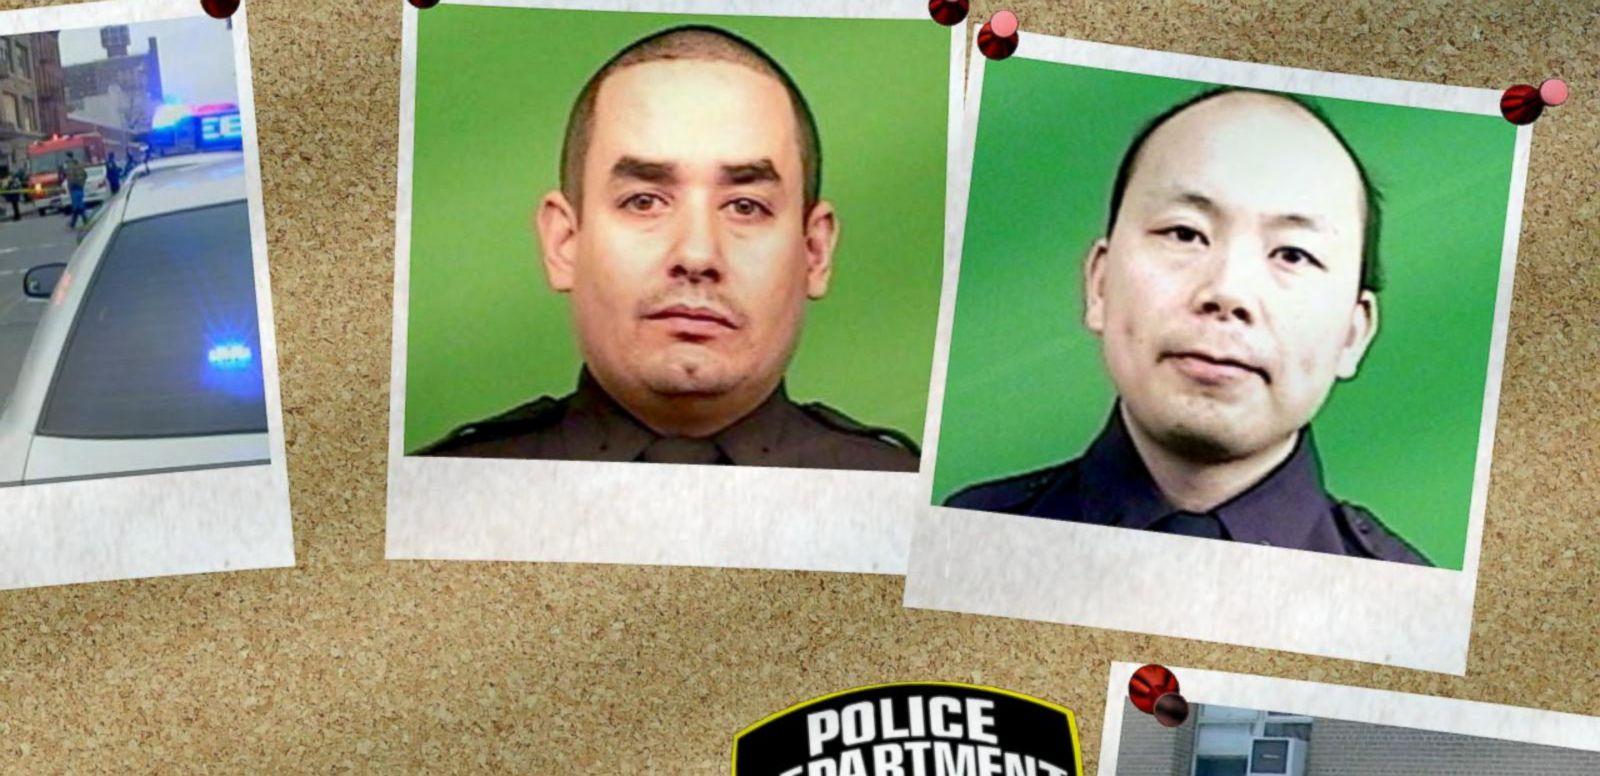 VIDEO: NYPD on High Alert for Wake of Slain Officer